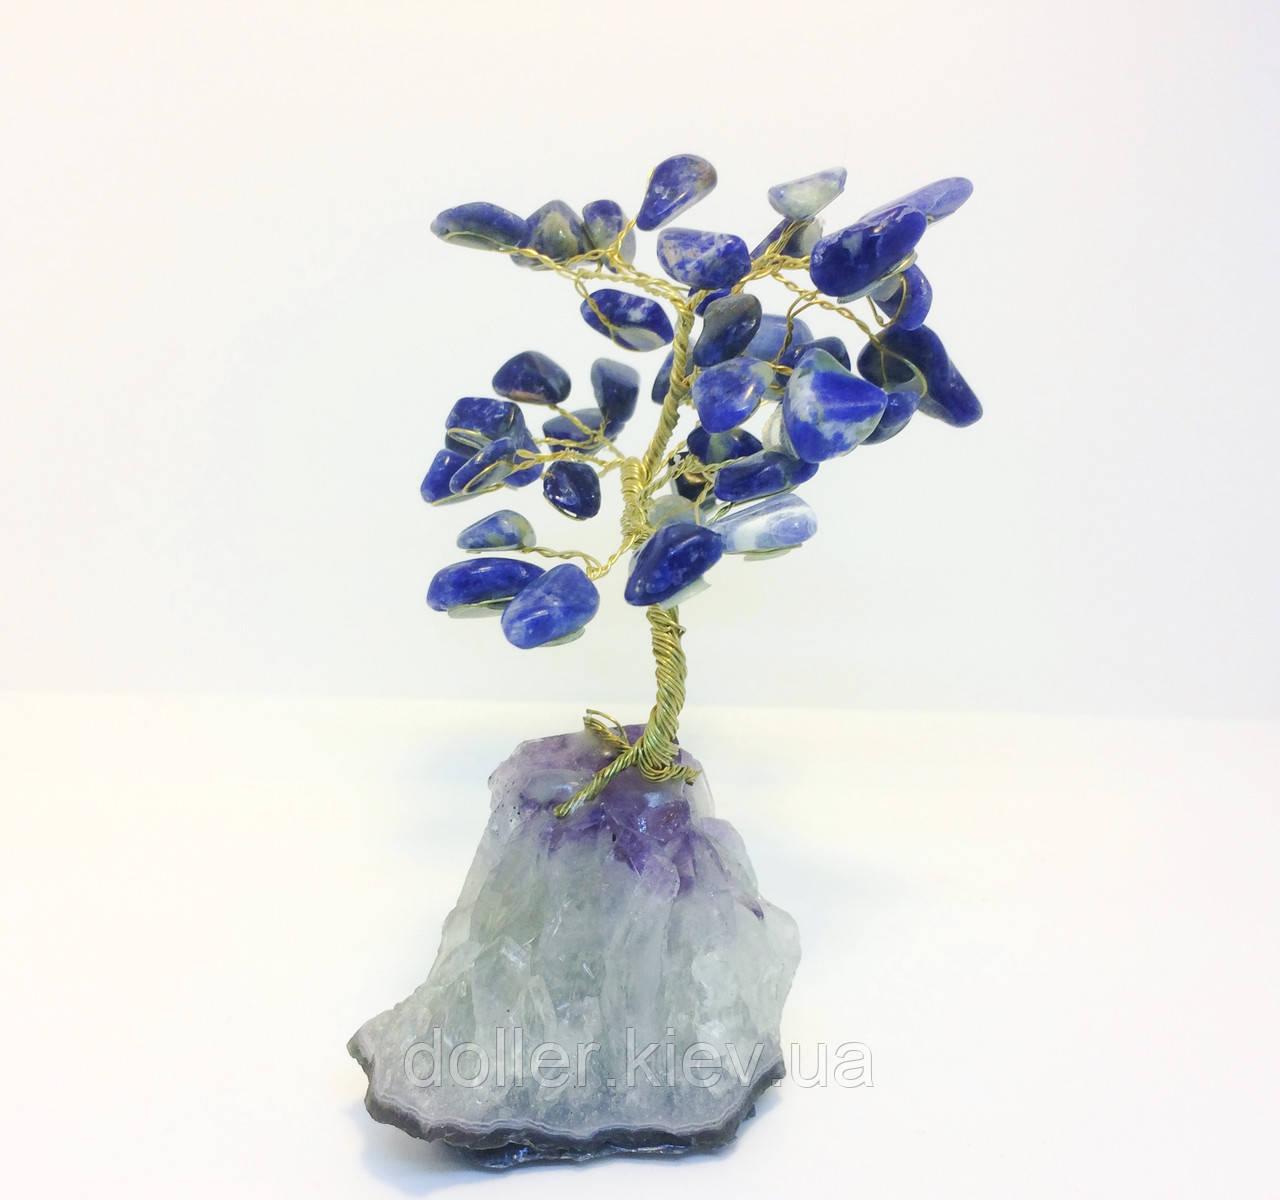 Дерева з каменю | декоративне дерево з лазуриту М | сувенірні дерева